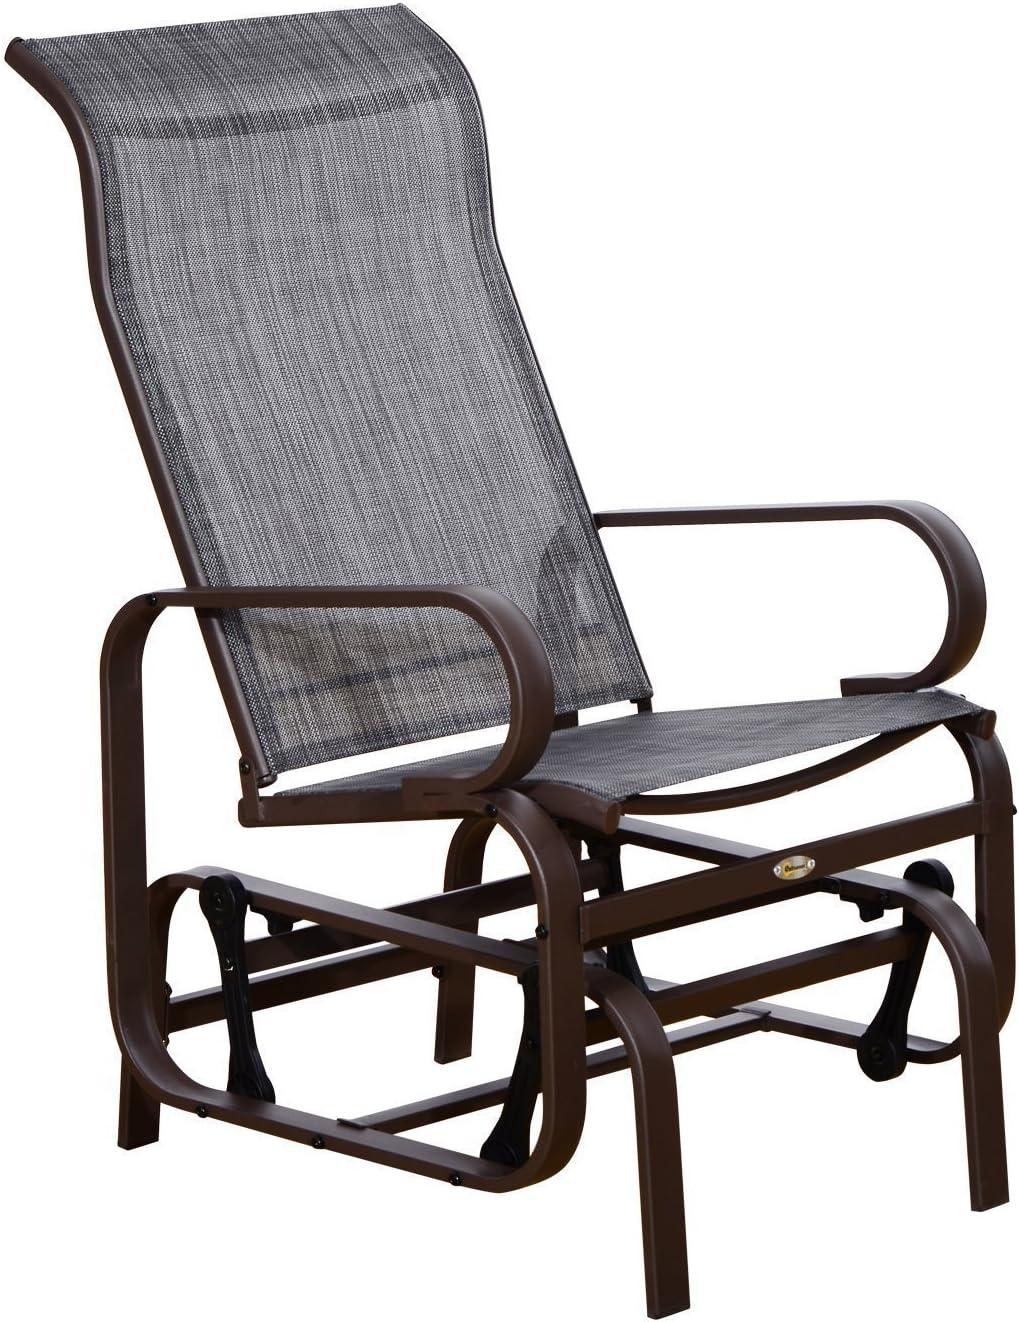 Outsunny Silla Balancin Portátil Cómodo Mecedora para Patio Jardín Terraza con 4 Brazos Oscilante Resistente Acero Tela Textilene Carga 165 KG 75x60x104 cm Marrón